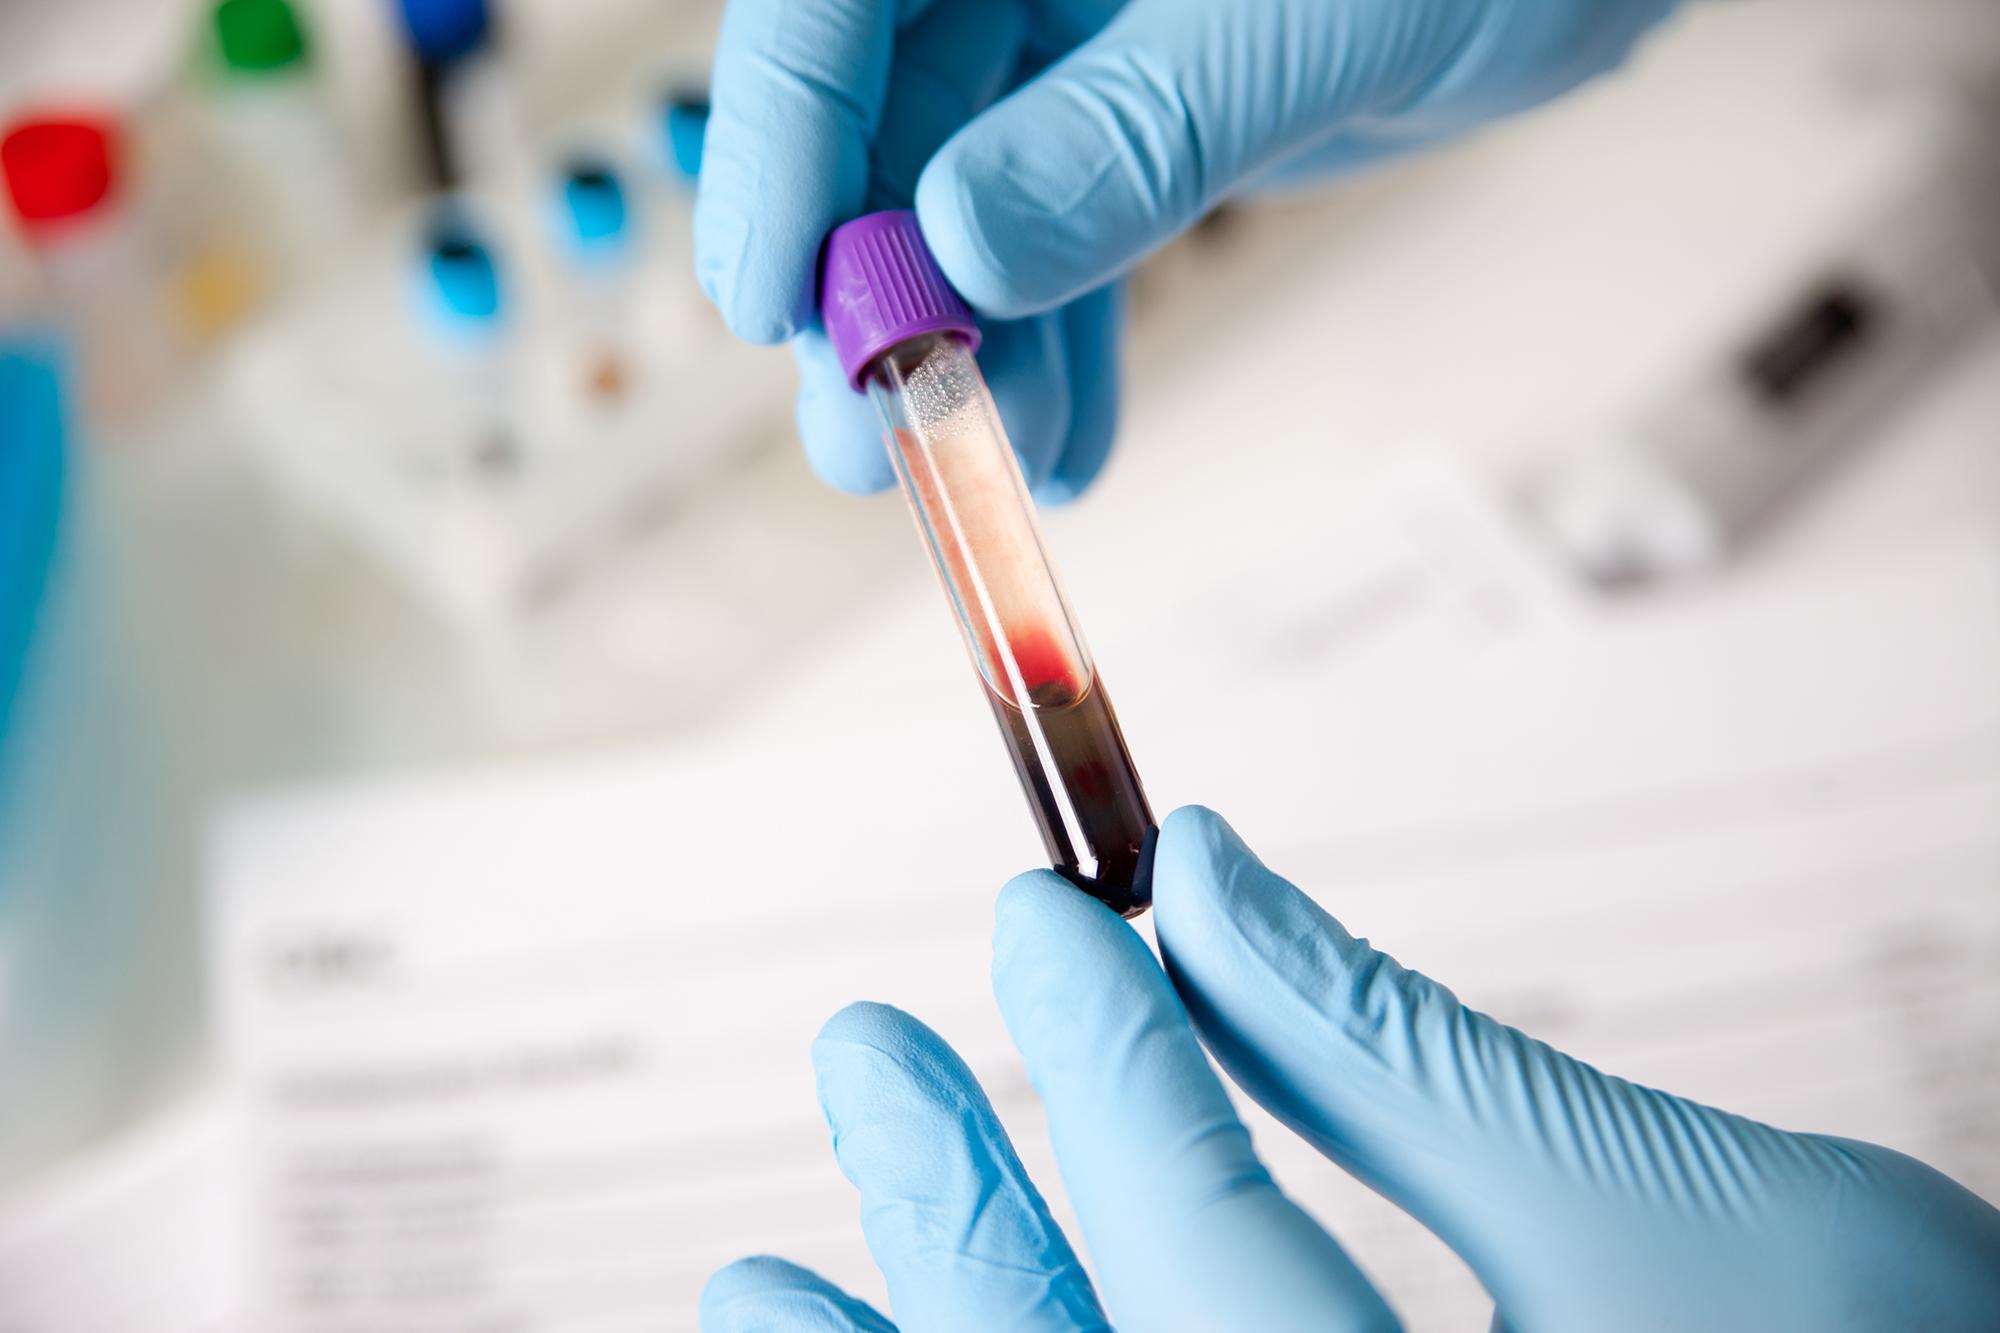 Prueba de 17-hidroxiprogesterona: niveles normales y significado 1